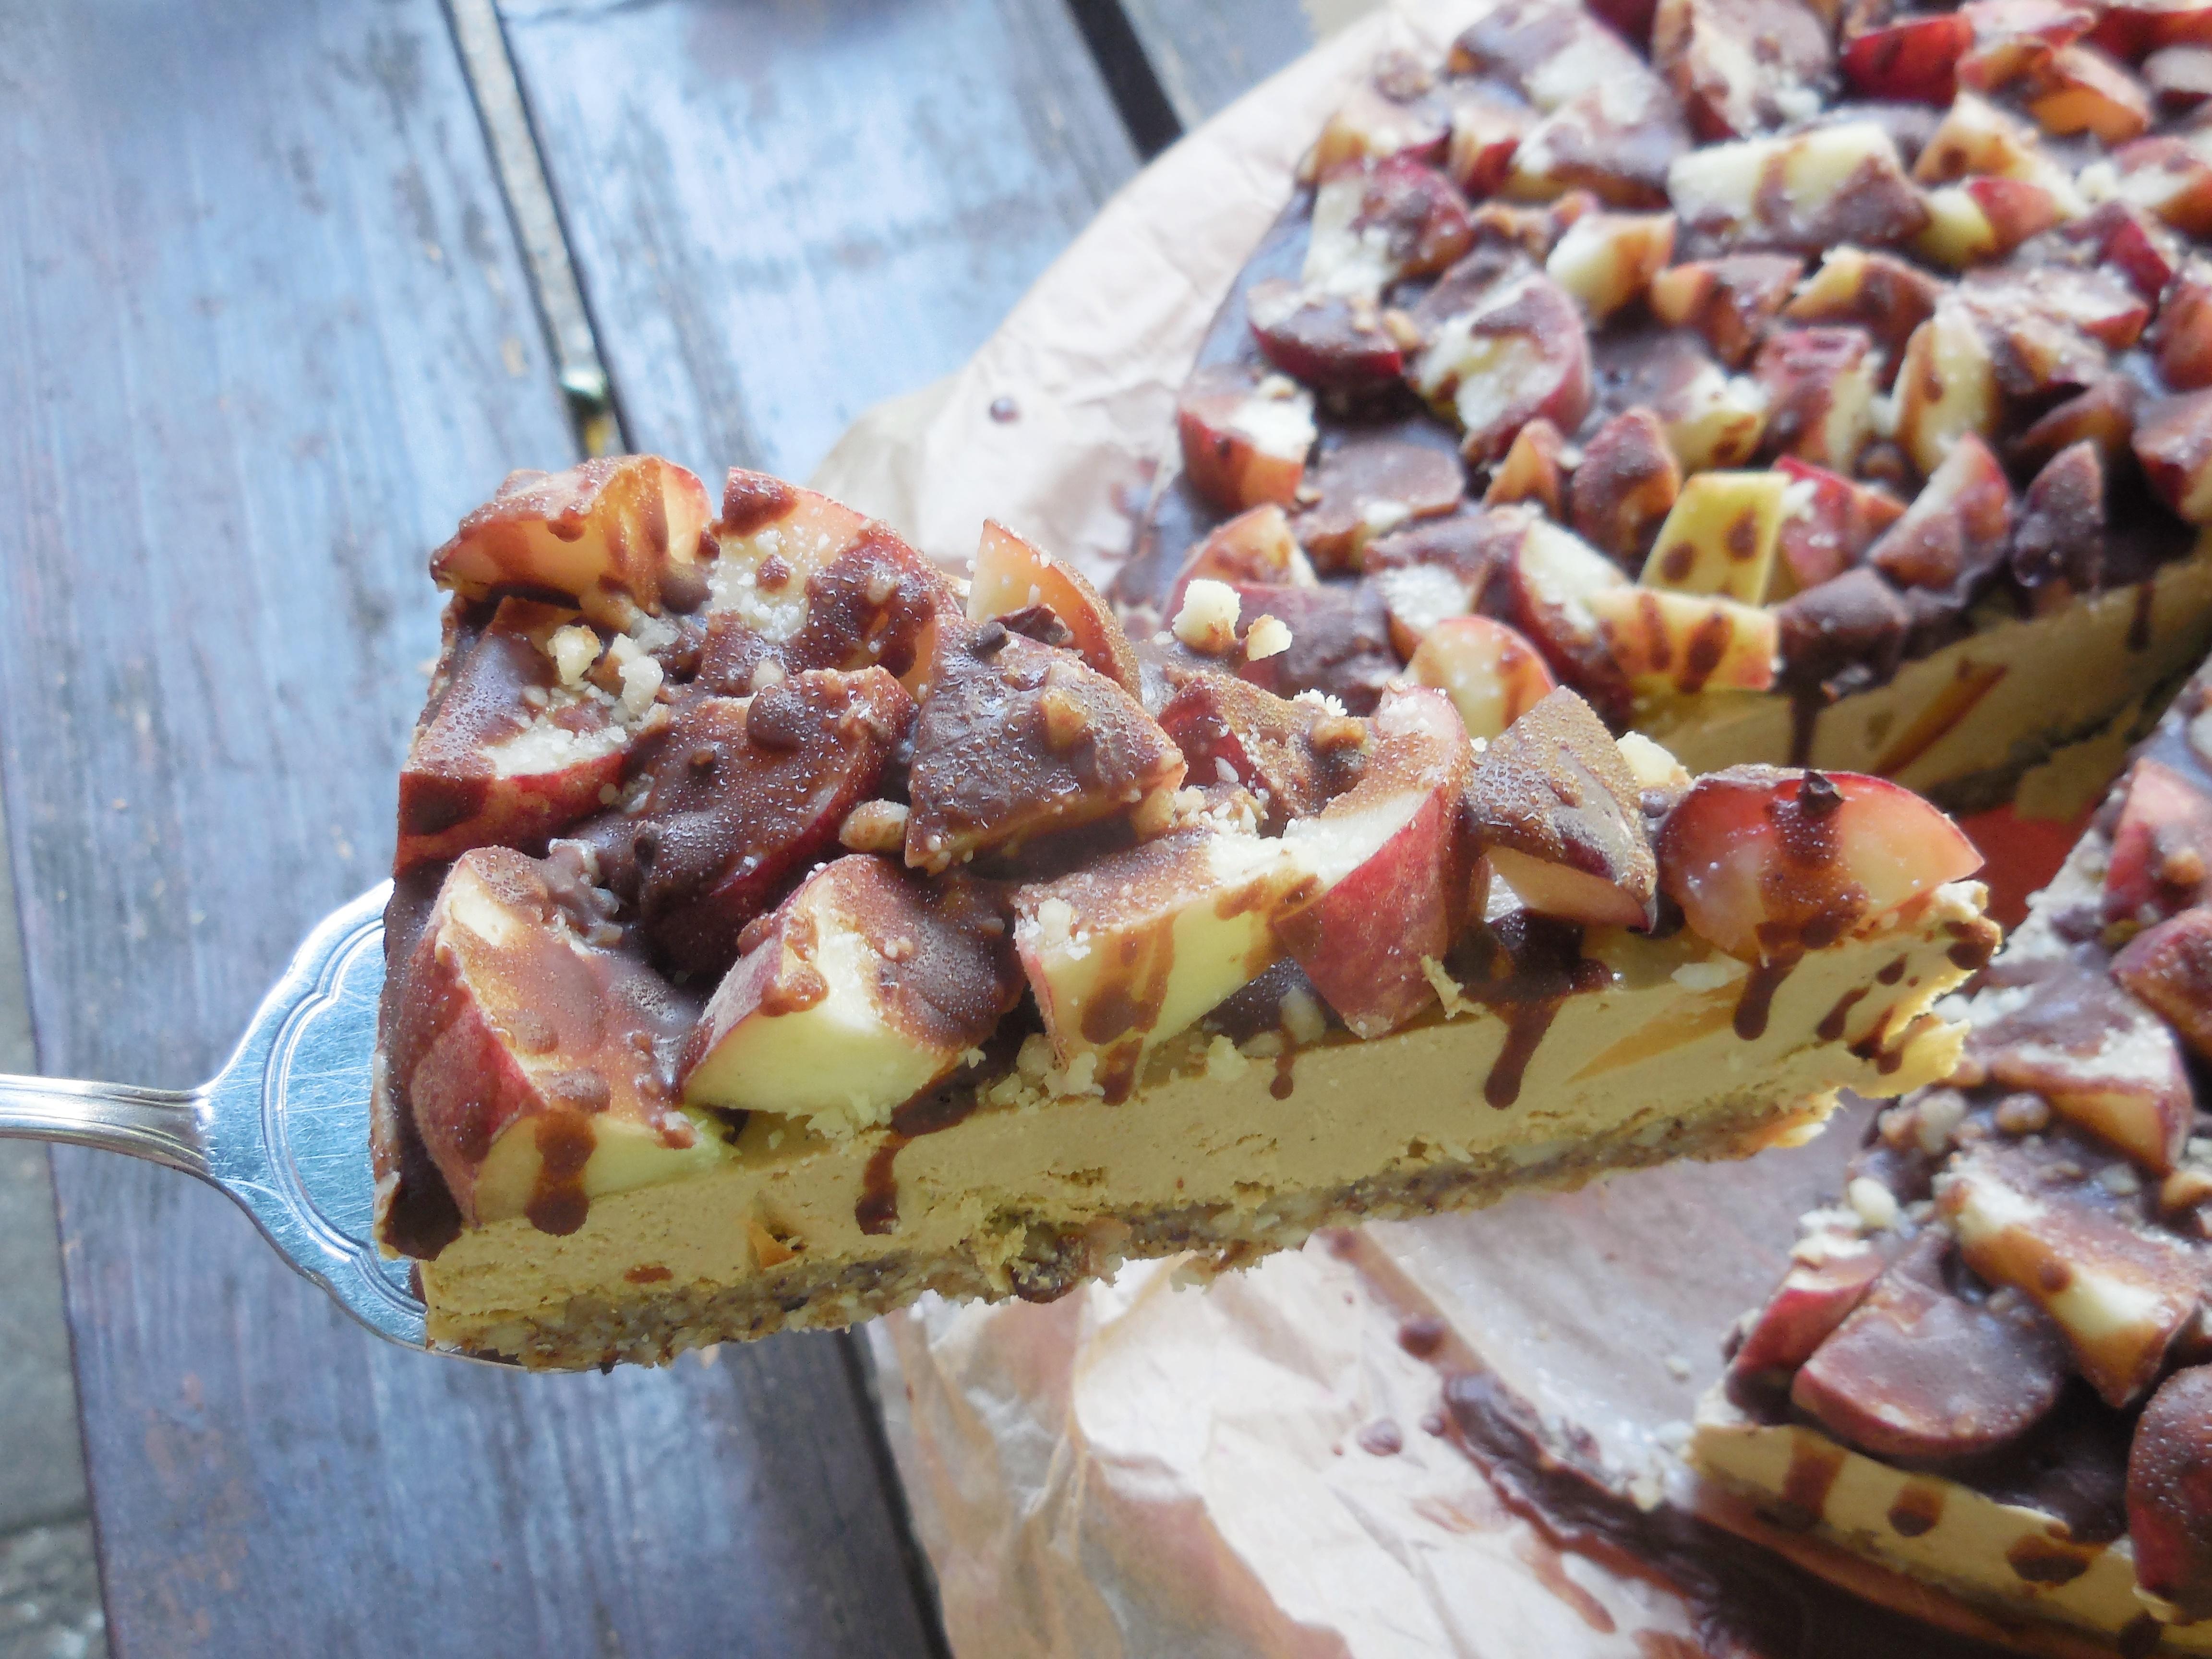 Pfirsich Torte Nordisch Roh